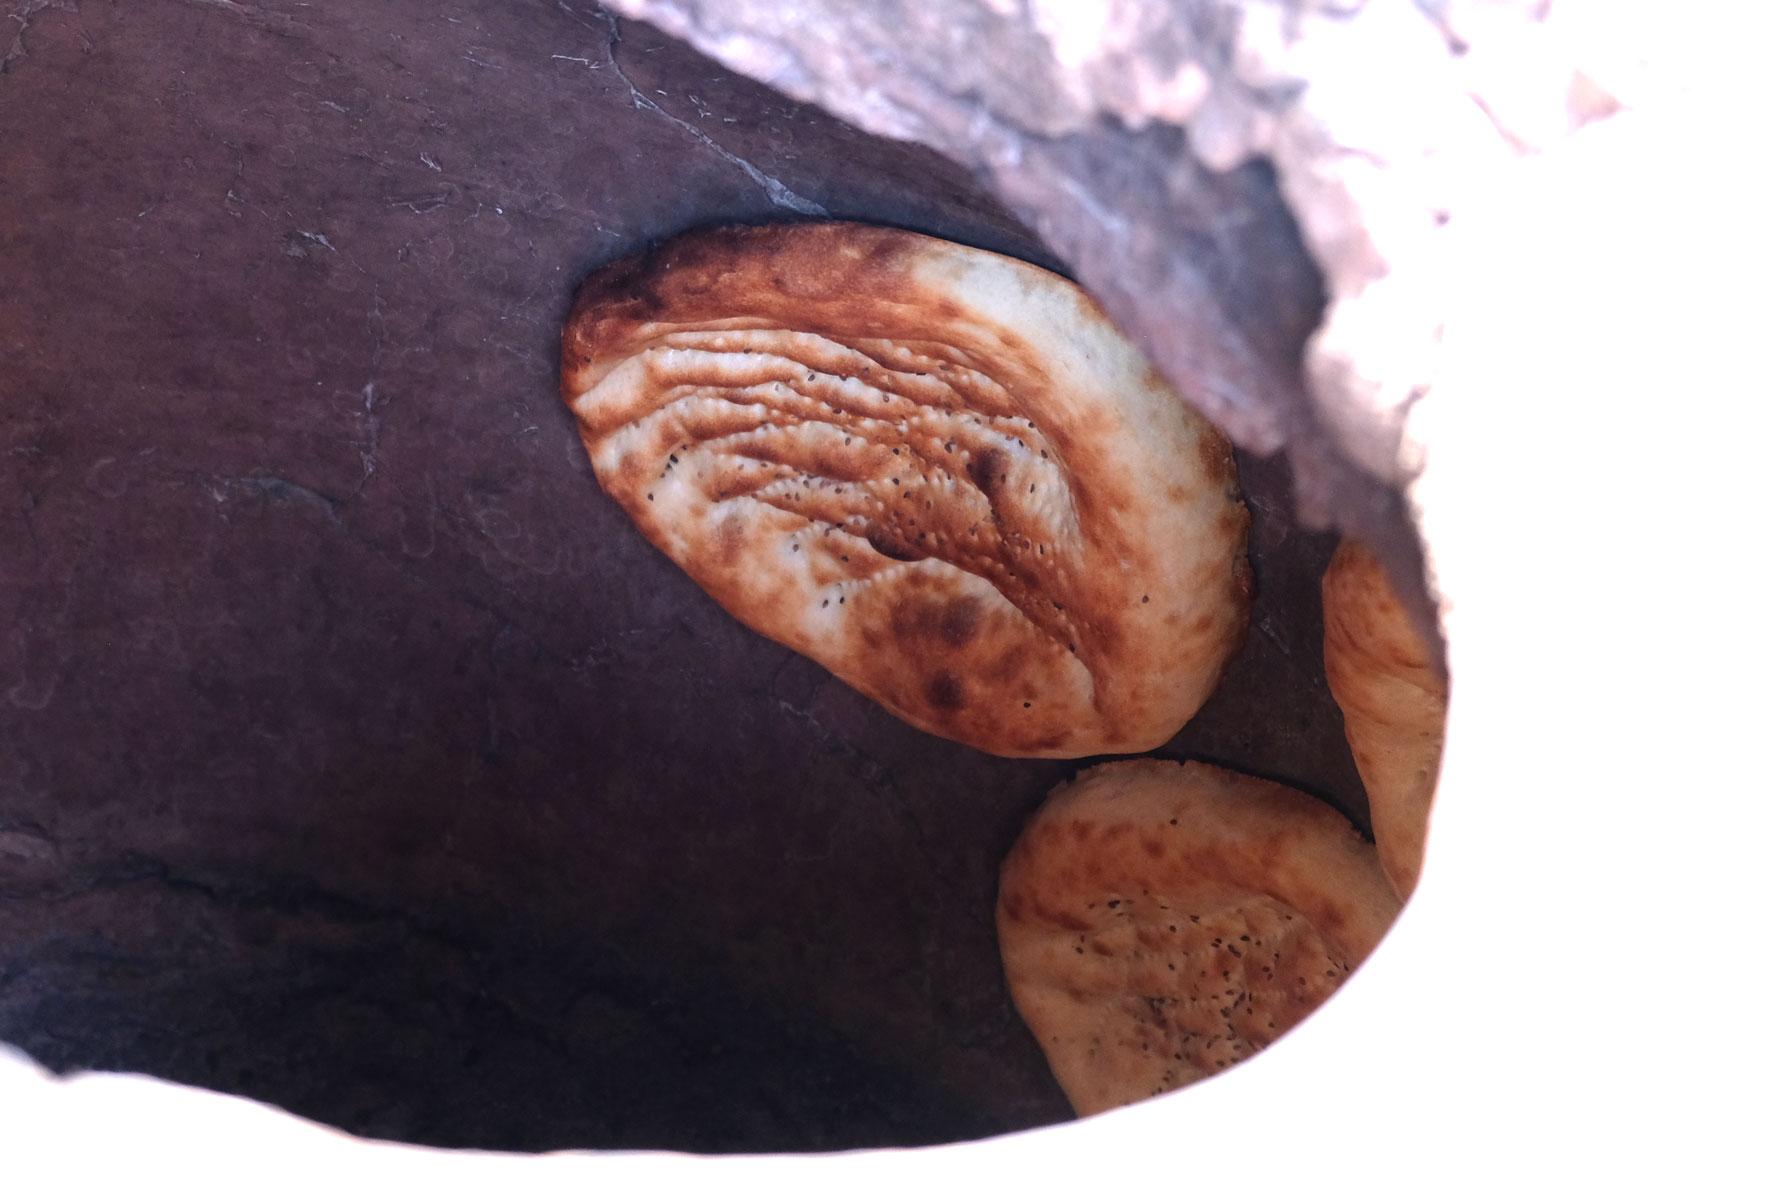 Die Teigfladen werden an die Wand eines holzbefeuerten Steinofens geklebt